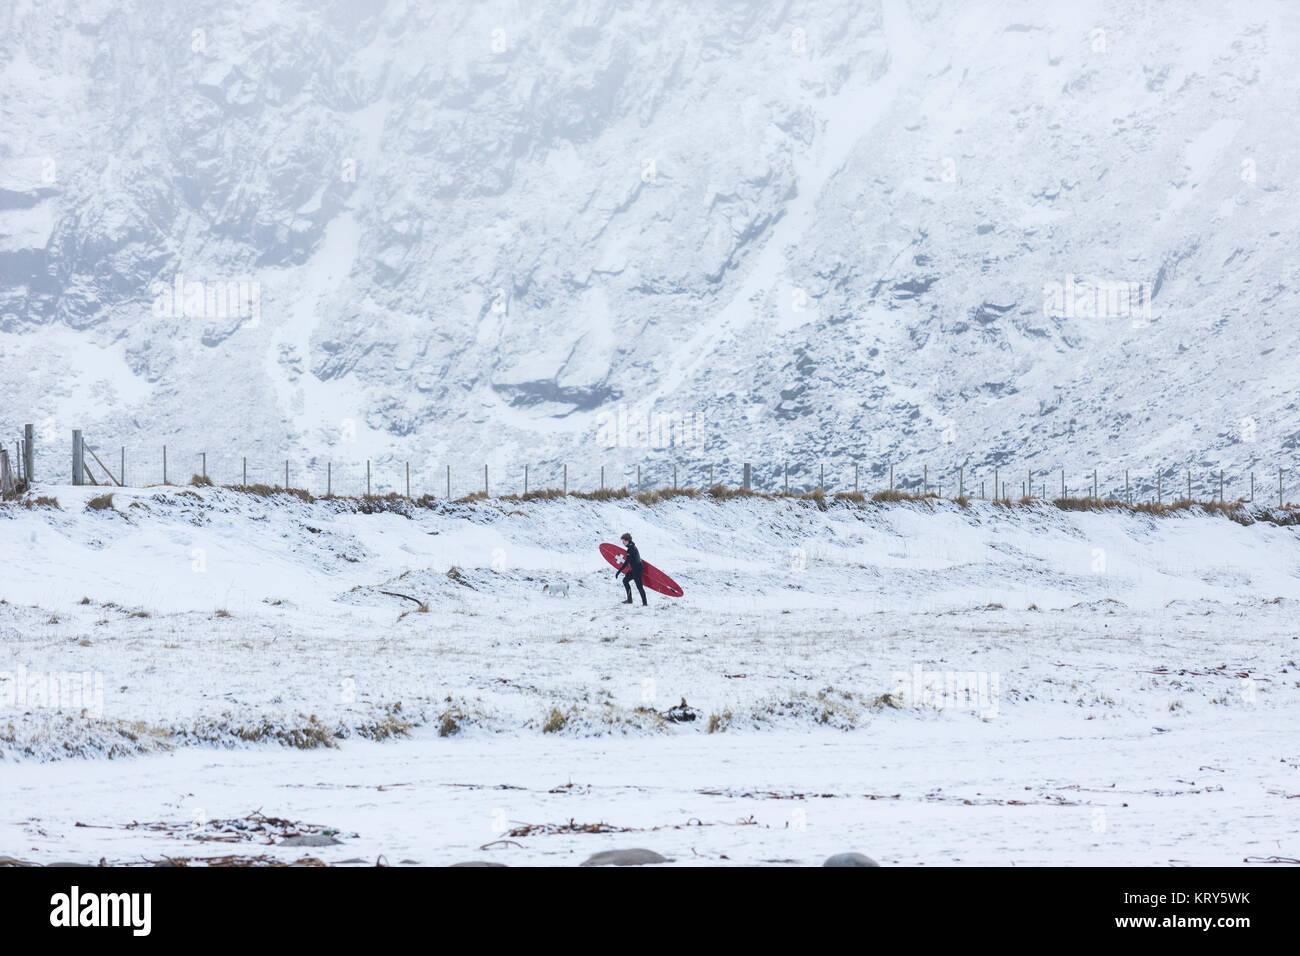 Una persona con una tabla de surf a través de terrenos nevados en Noruega Imagen De Stock